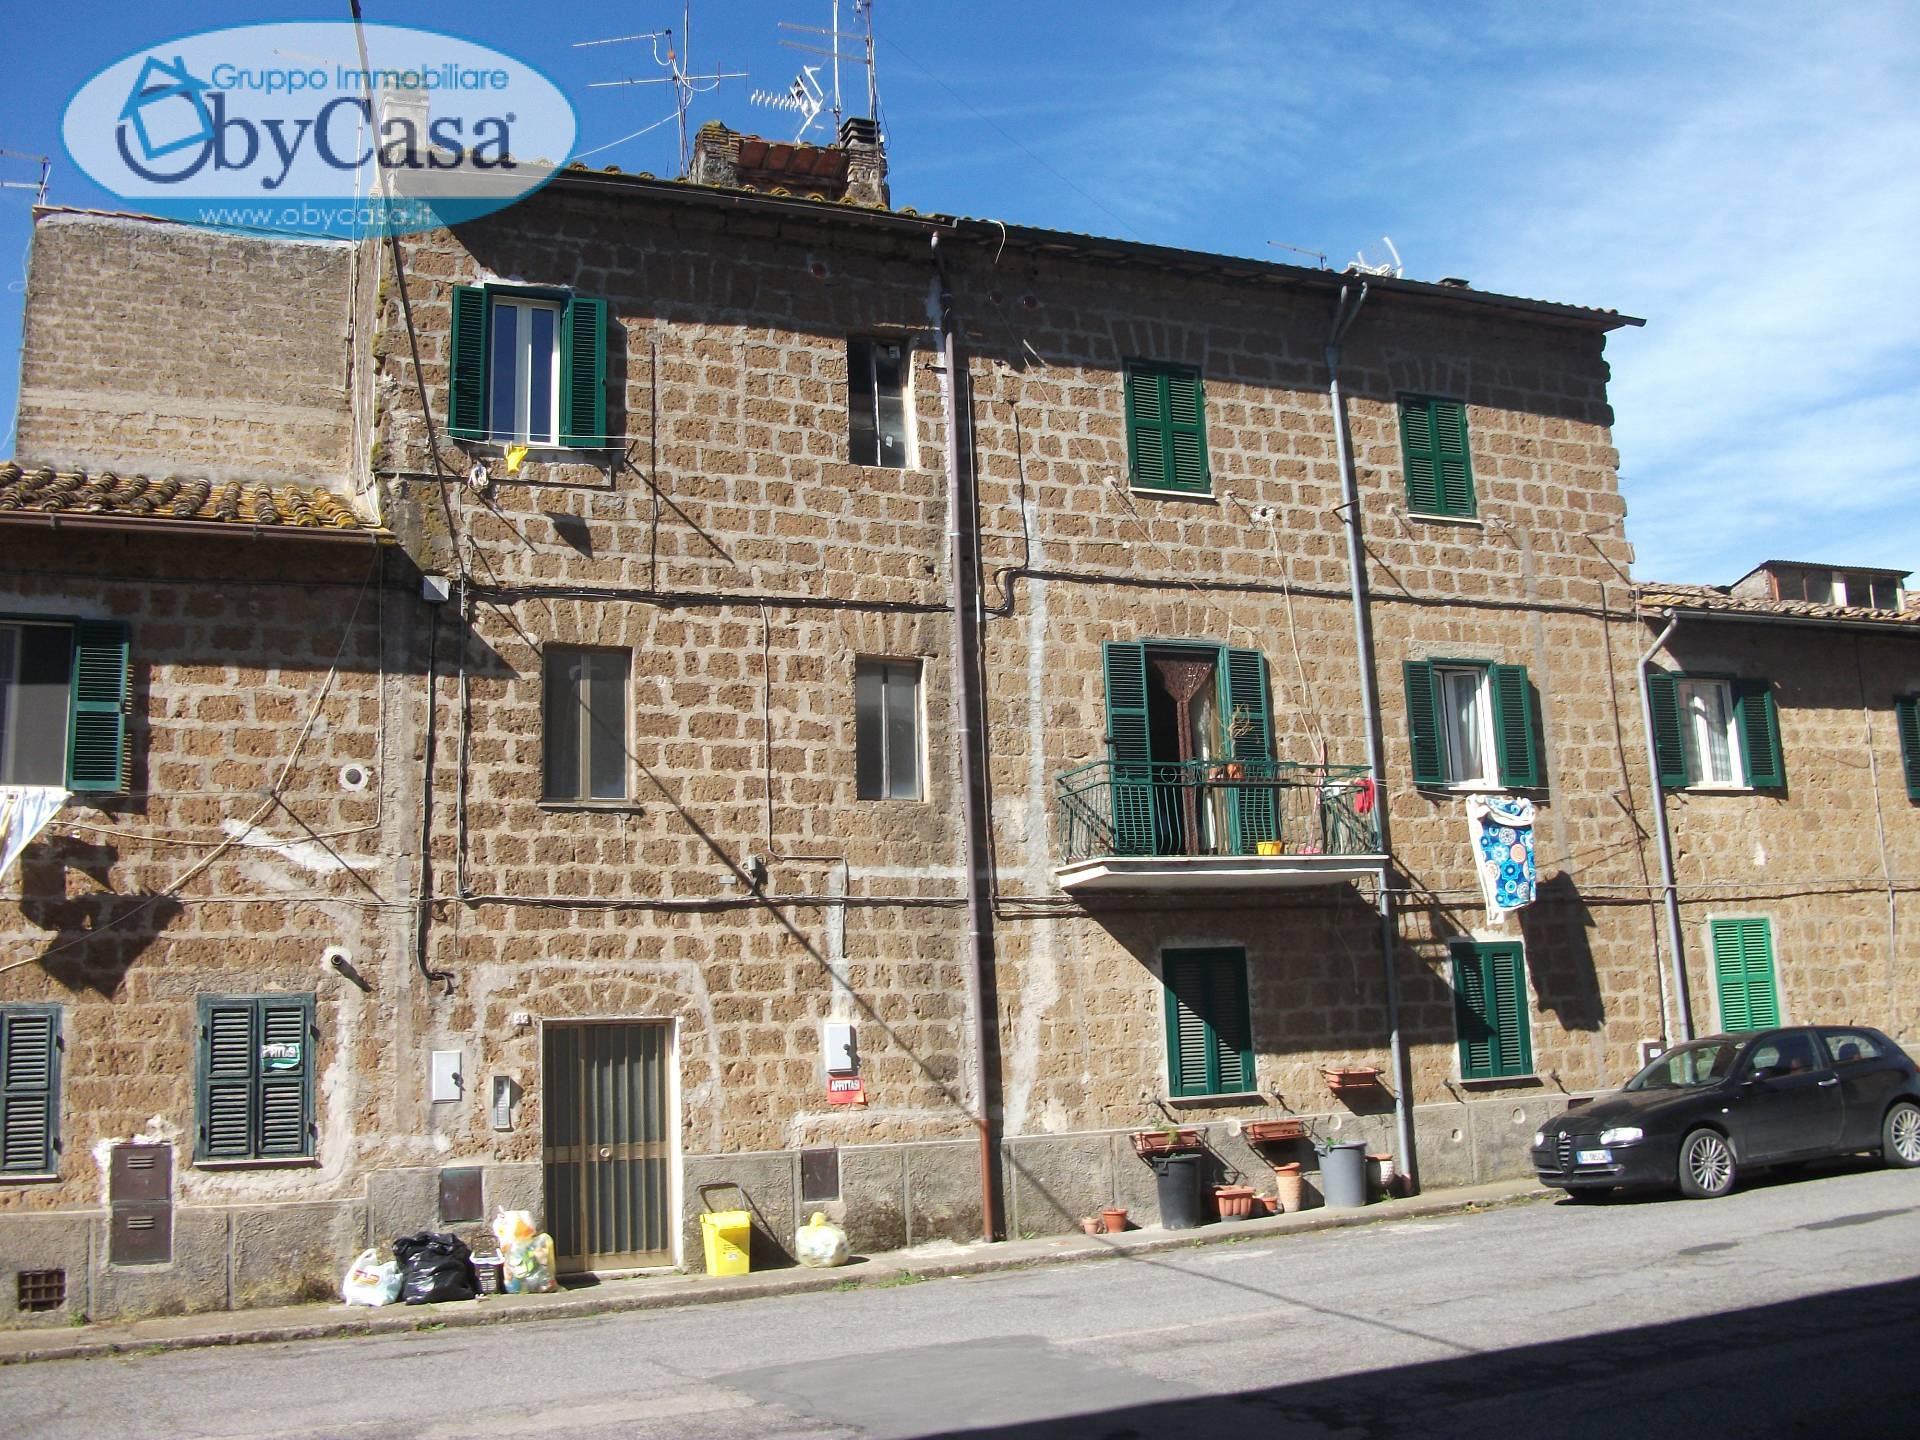 Appartamento in affitto a Vejano, 3 locali, zona Località: vejano, prezzo € 300 | Cambio Casa.it